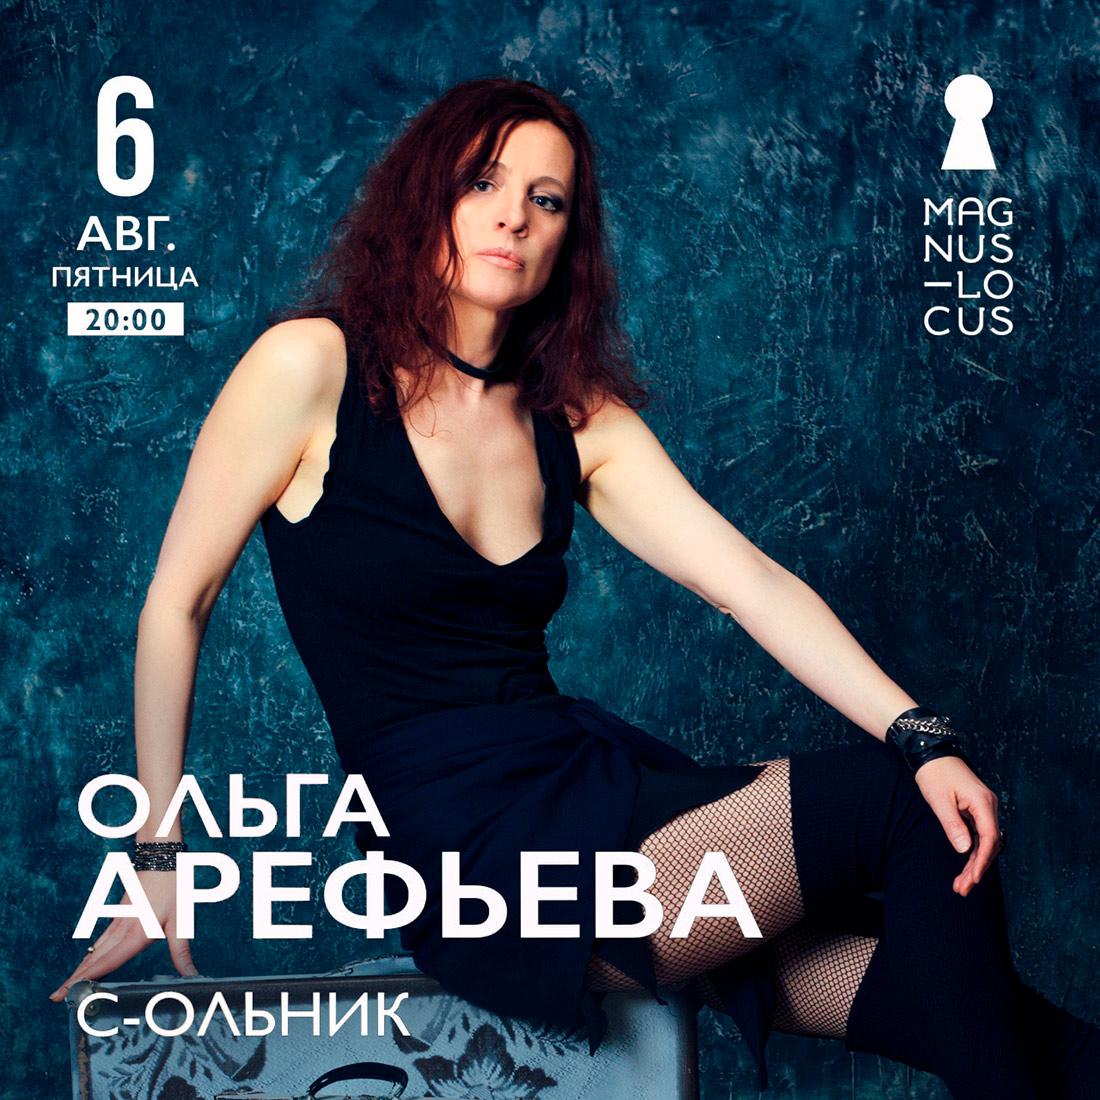 Ольга Арефьева. Афиша сольного концерта в клубе Magnus Locus 6 августа 2021